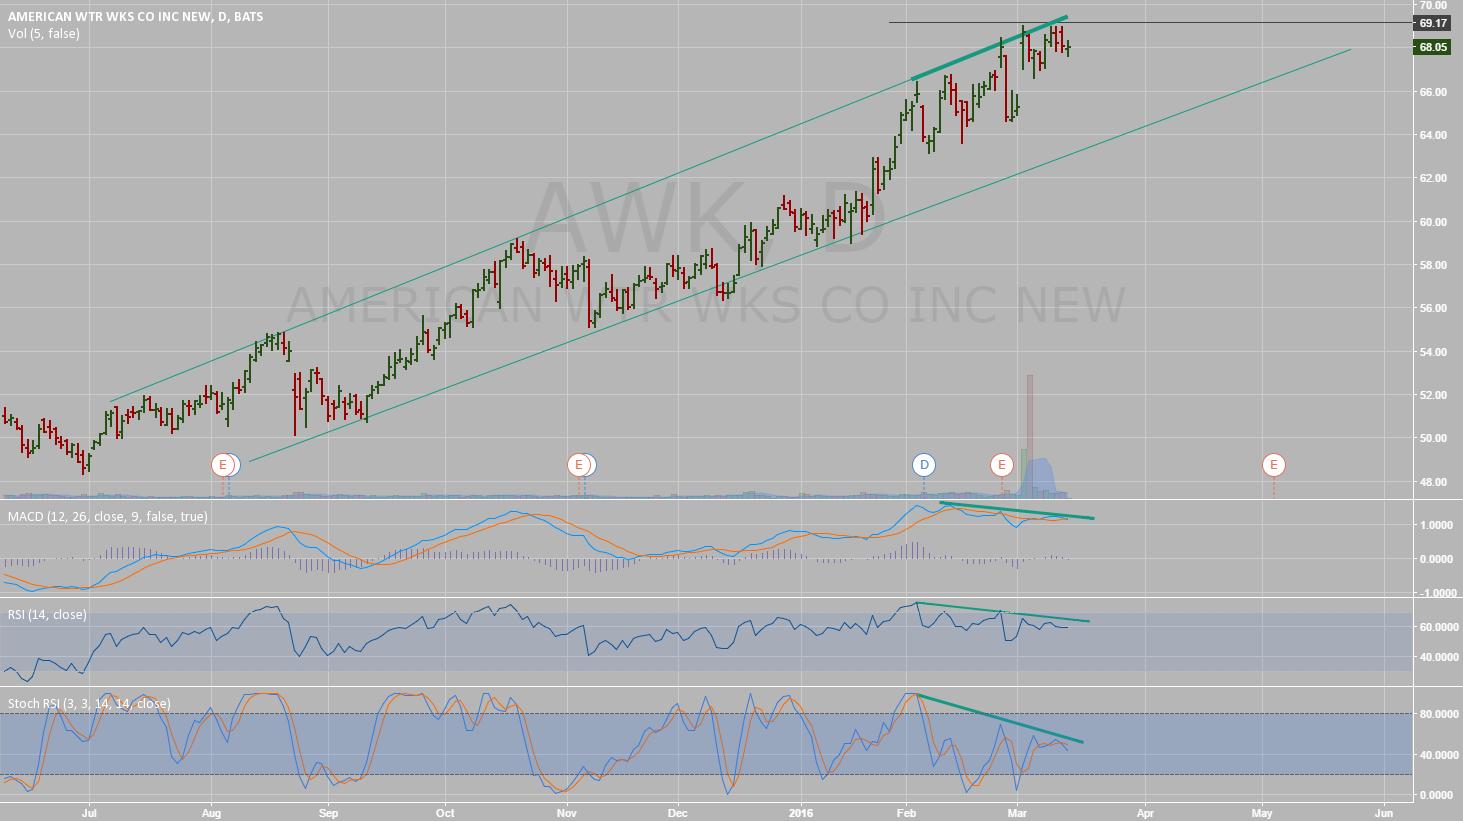 American WTR WKS topping?